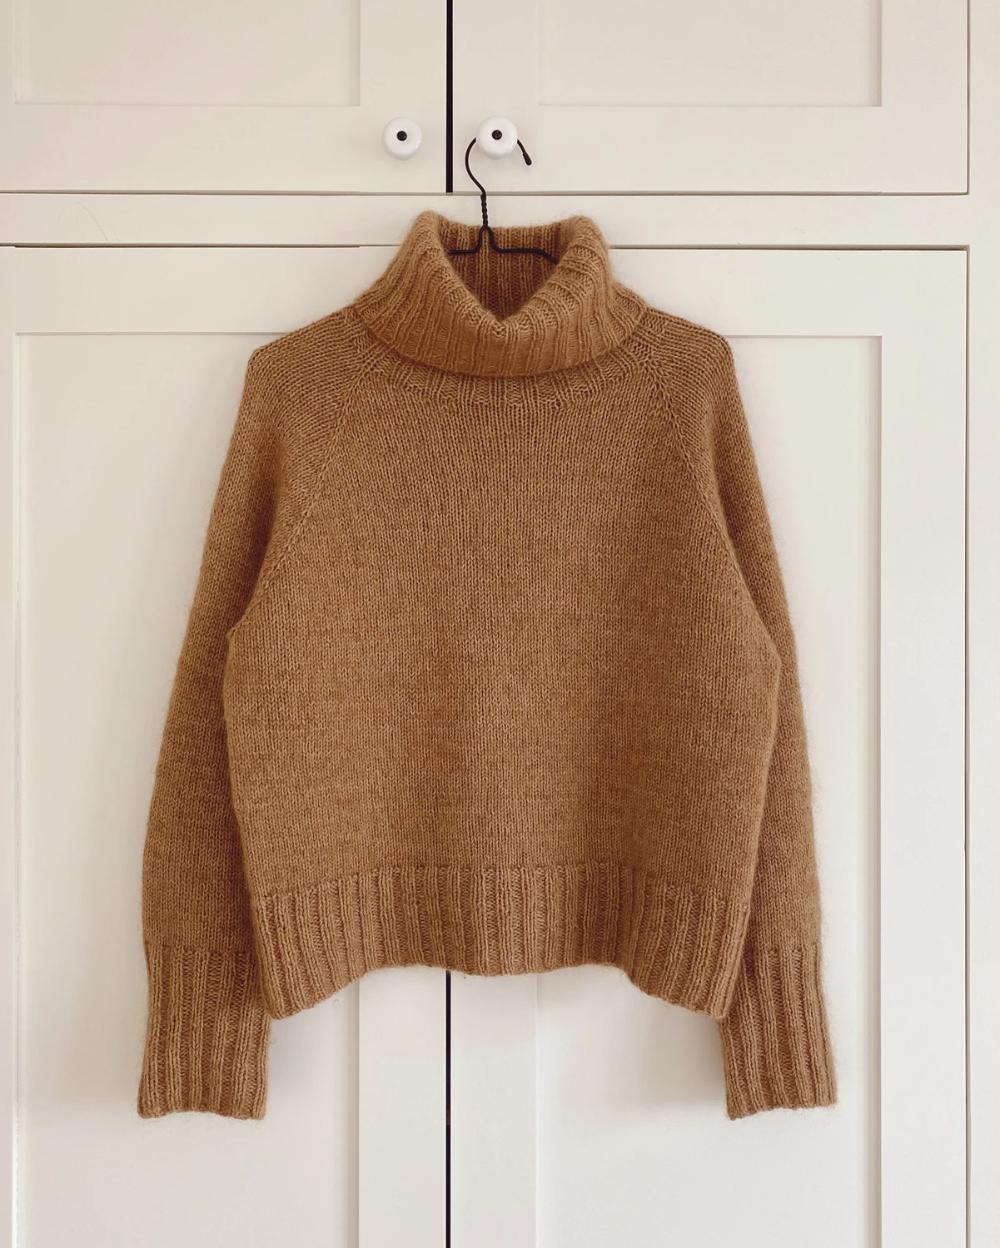 Novice Sweater | Gensermønstre, Tovet genser, Genser